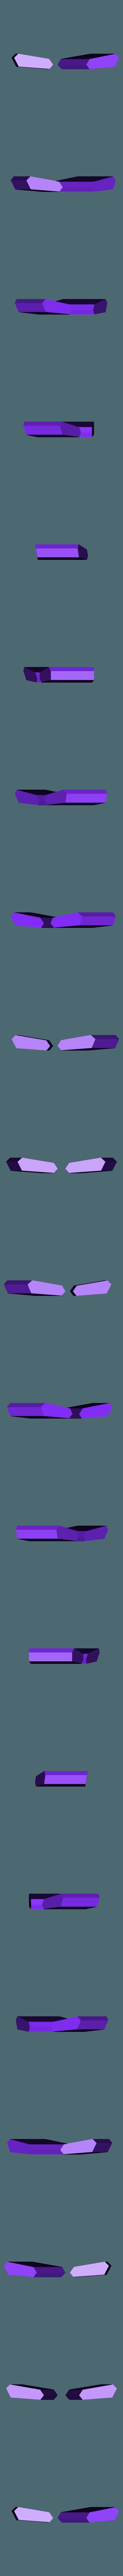 Head-Baby-Blue.stl Télécharger fichier STL gratuit Big Optimus Prime! - Modèle multi-matériaux • Plan pour imprimante 3D, ChaosCoreTech